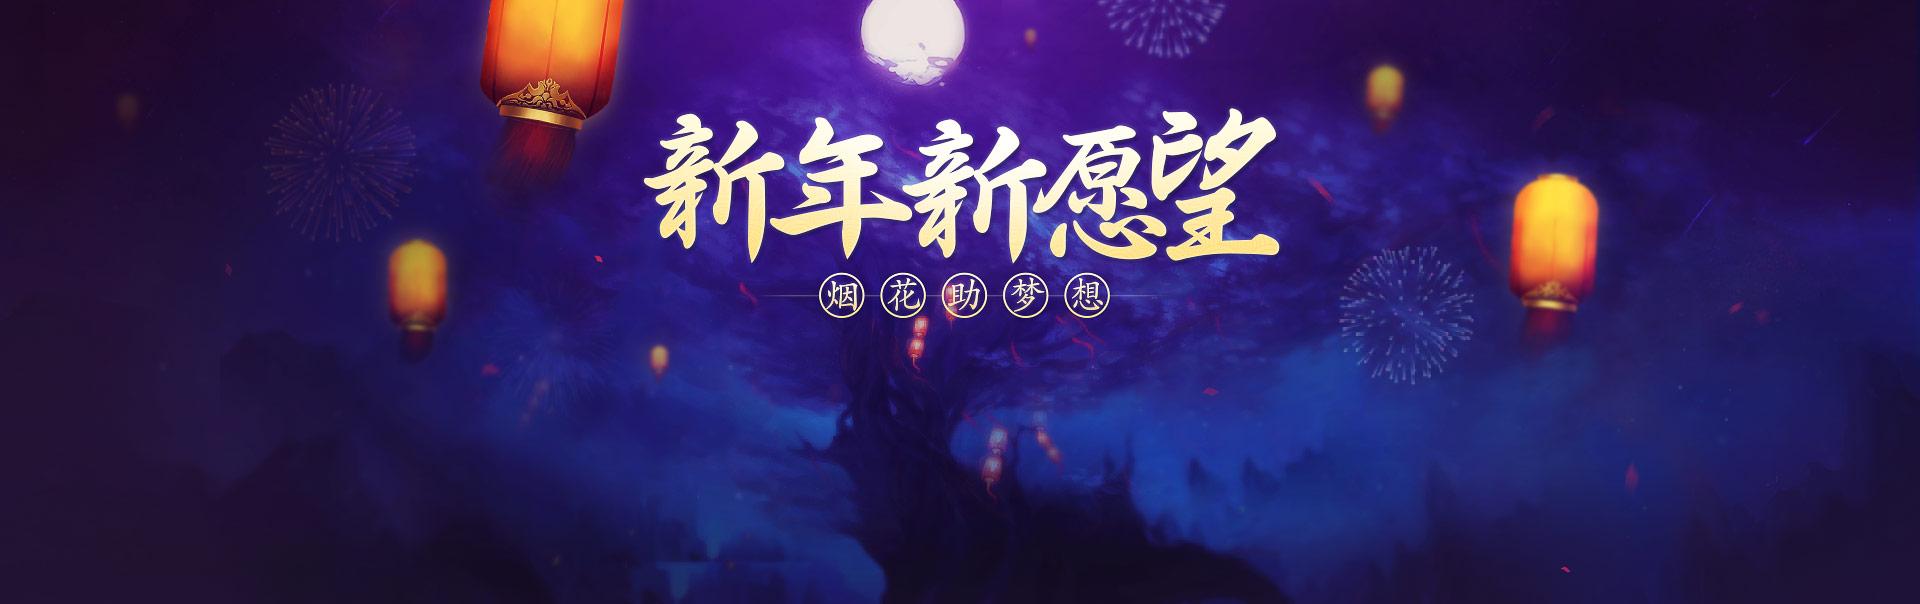 青娱乐在线-新年新愿望,烟花助梦想-春节活动